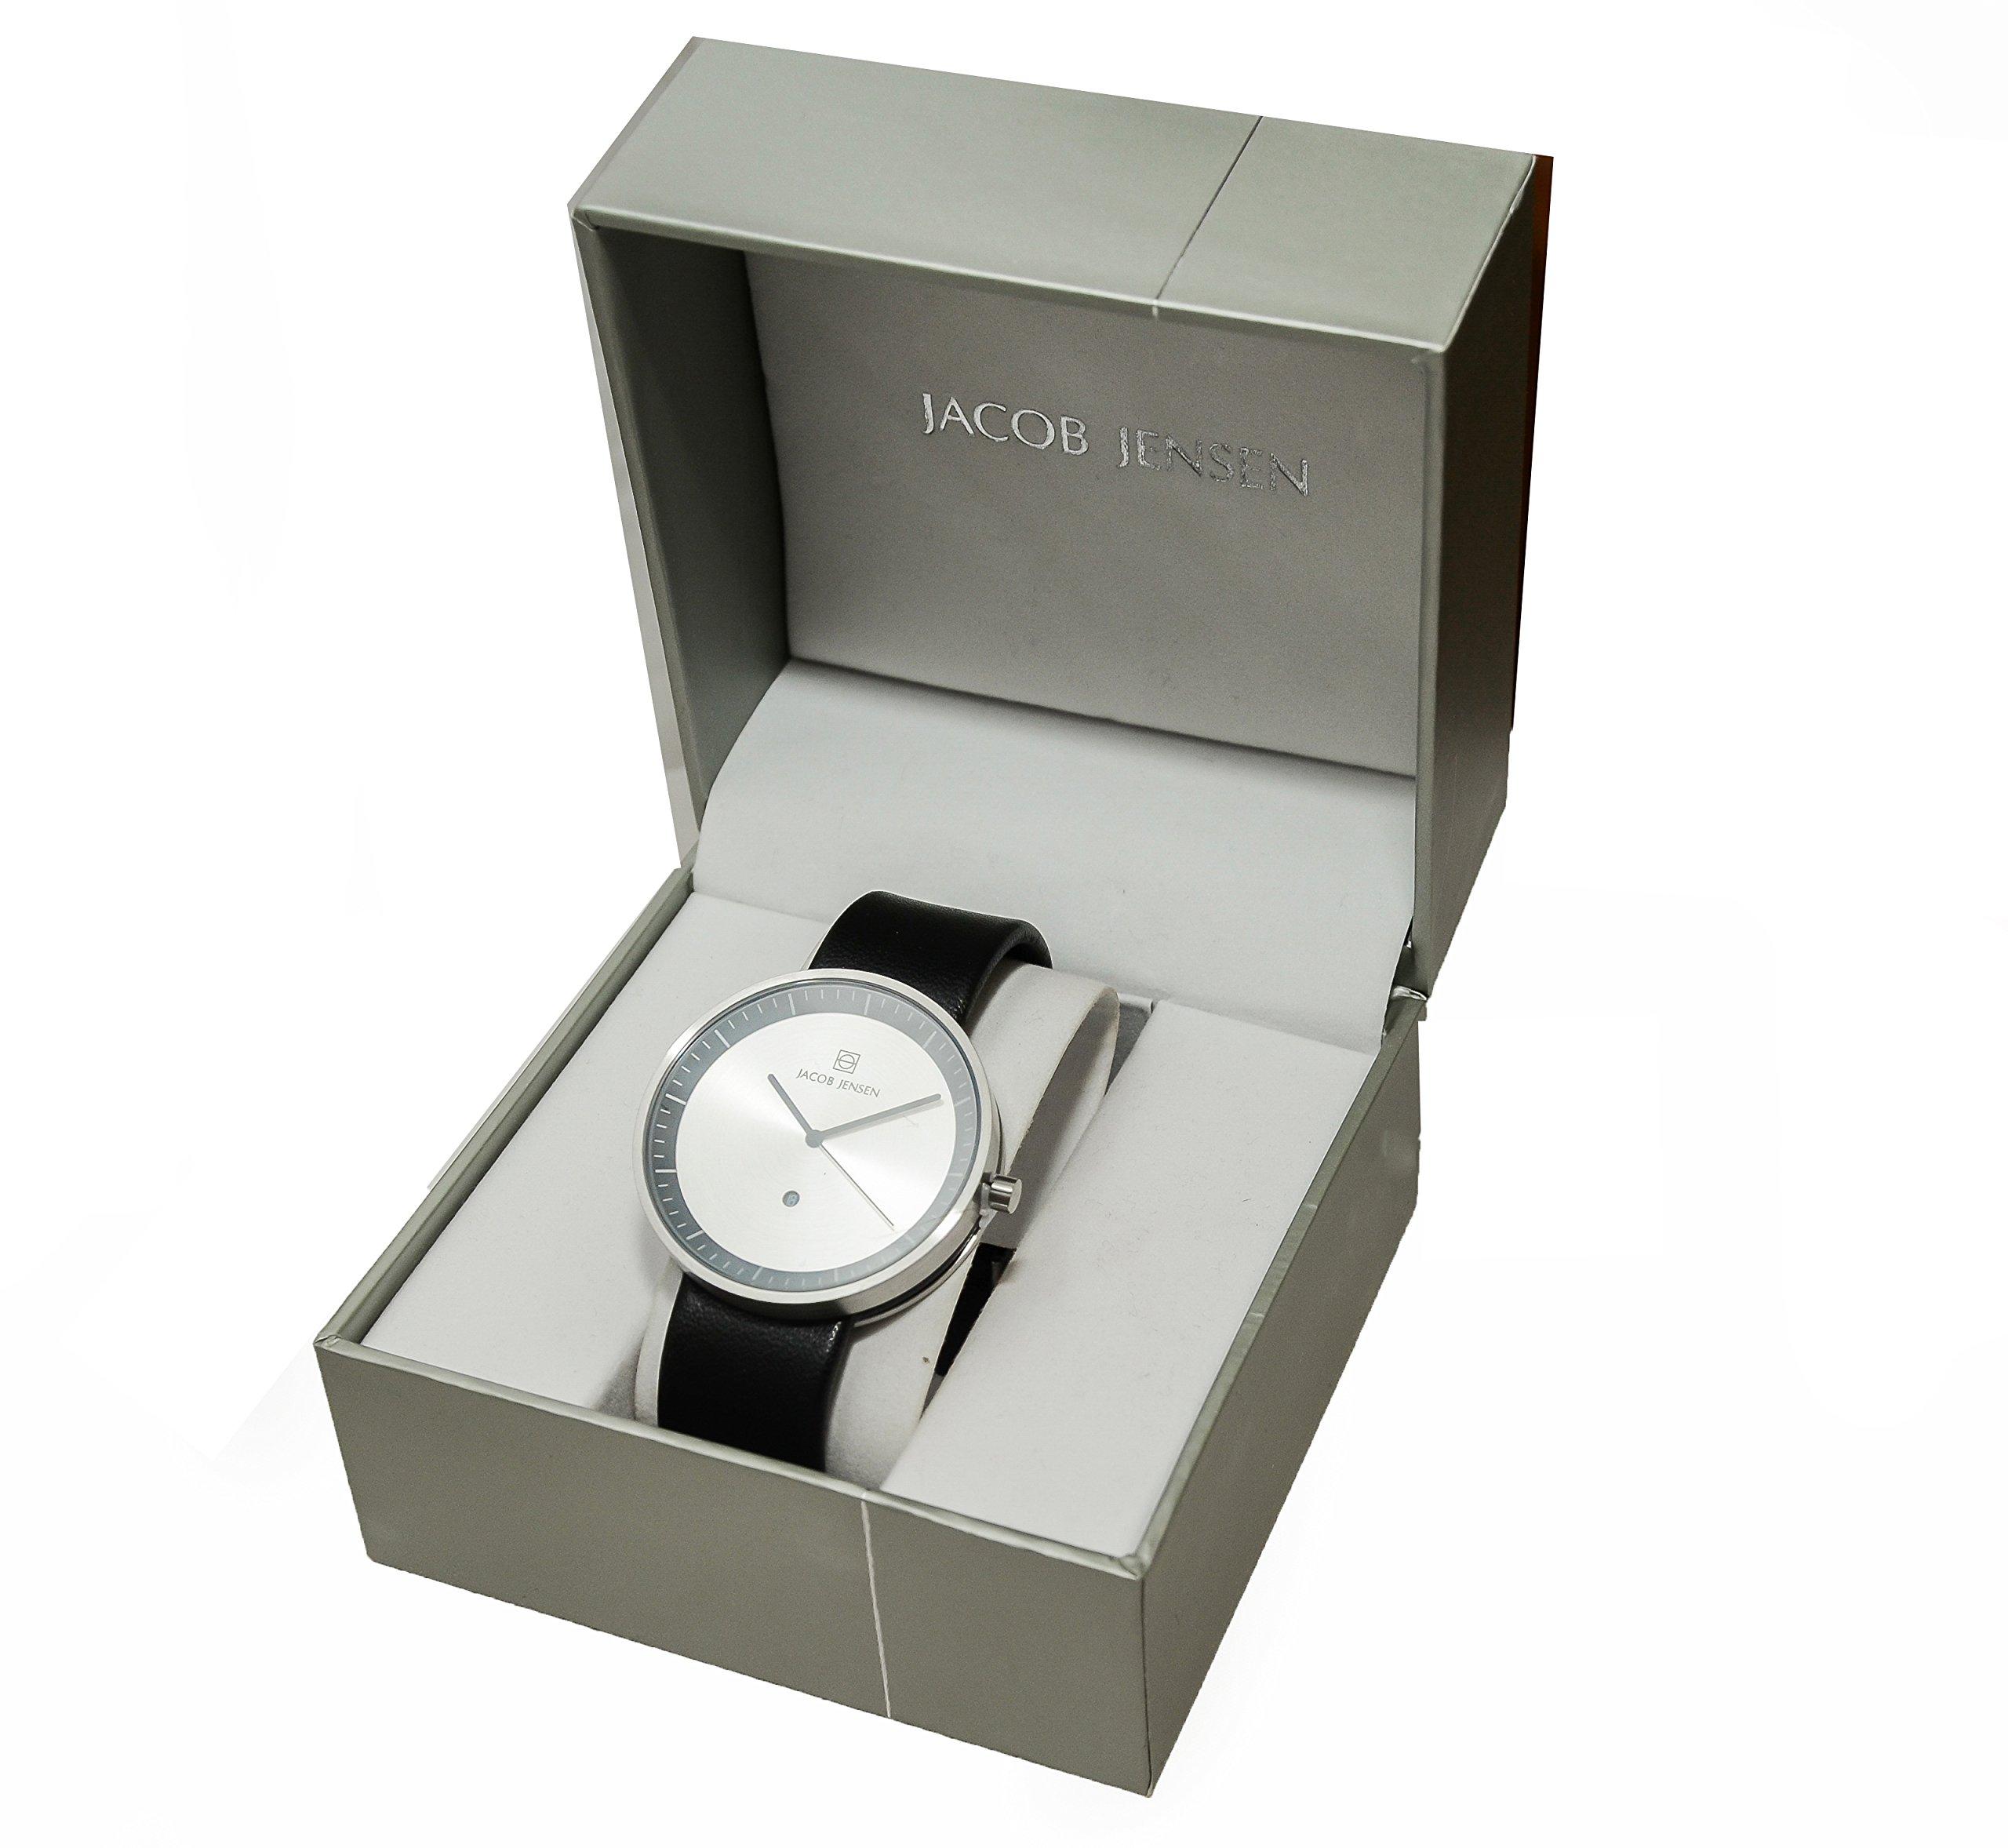 Jacob Jensen–Reloj de pulsera analógico de cuarzo (One Size, Plata)